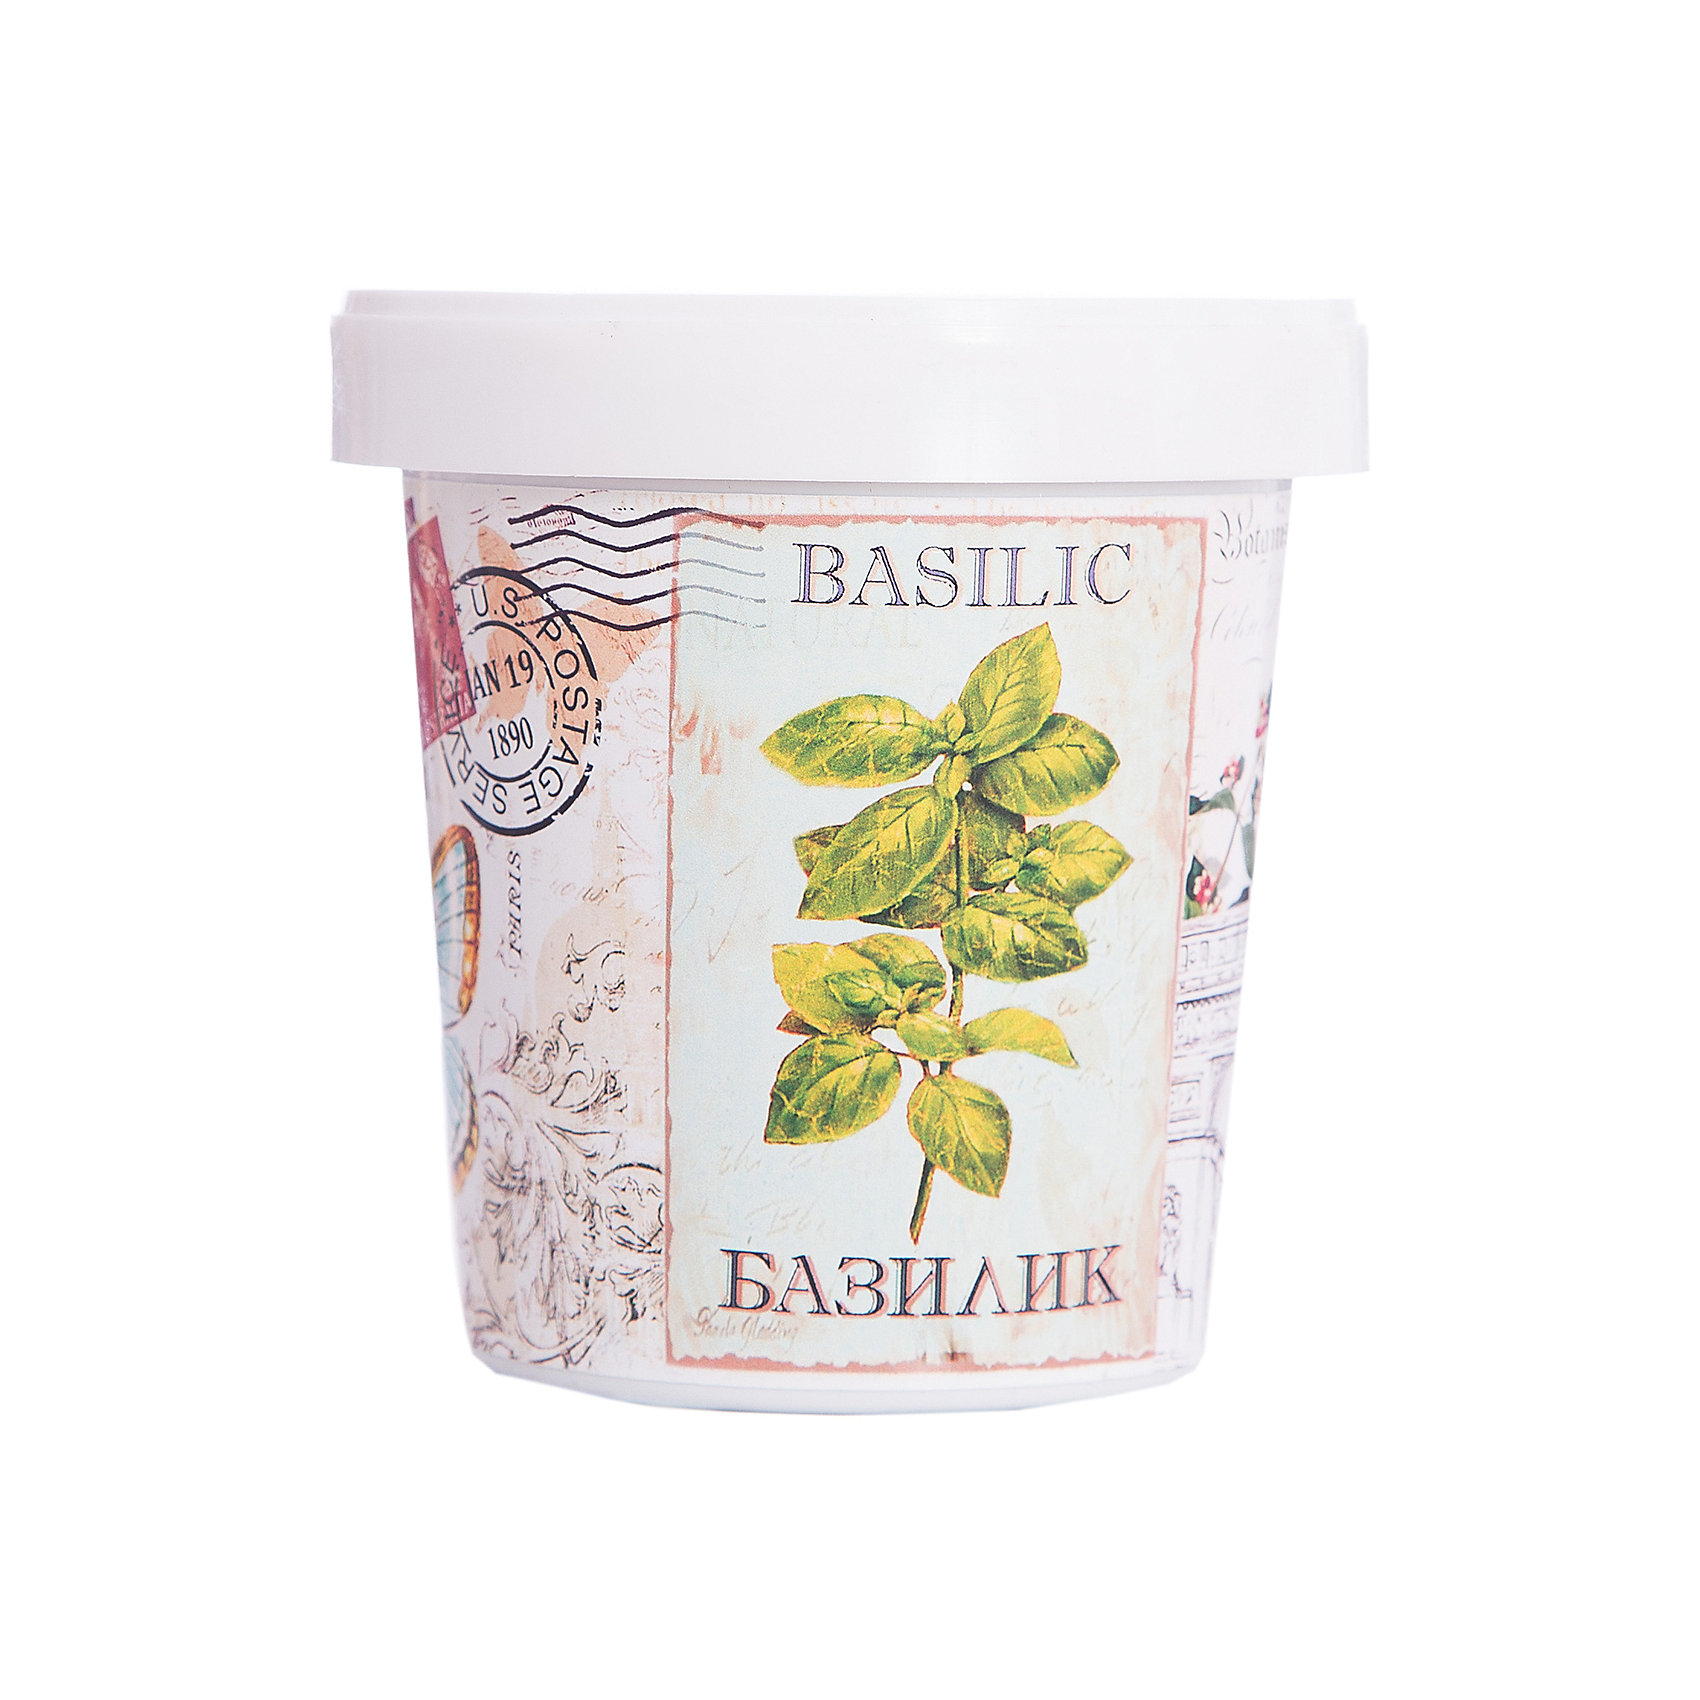 Набор для выращивания Базилик Rostok VisaБазилик, Бумбарам.<br><br>Характеристики:<br><br>• вы сможете выращивать растения у себя дома<br>• экологически чистая продукция<br>• не содержит химикаты<br>• отличная всхожесть<br>• приятный дизайн<br>• в комплекте: горшочек, пакет с семенами, грунт, инструкция<br>• размер упаковки: 7,5х7,5х12 см<br>• вес: 275 грамм<br><br>Если вы хотите продлить дачный сезон, то набор Базилик отлично подойдет вам! С его помощью вы сможете вырастить базилик в домашних условиях. Продукция качественная и экологически чистая, что гарантирует высокую всхожесть. Подробная инструкция расскажет как правильно ухаживать за растением. Готовое растение можно использовать при приготовлении блюд. Прекрасный подарок любителям садоводства!<br><br>Набор Базилик, Бумбарам можно купить в нашем интернет-магазине.<br><br>Ширина мм: 120<br>Глубина мм: 75<br>Высота мм: 75<br>Вес г: 267<br>Возраст от месяцев: 168<br>Возраст до месяцев: 240<br>Пол: Унисекс<br>Возраст: Детский<br>SKU: 5053989